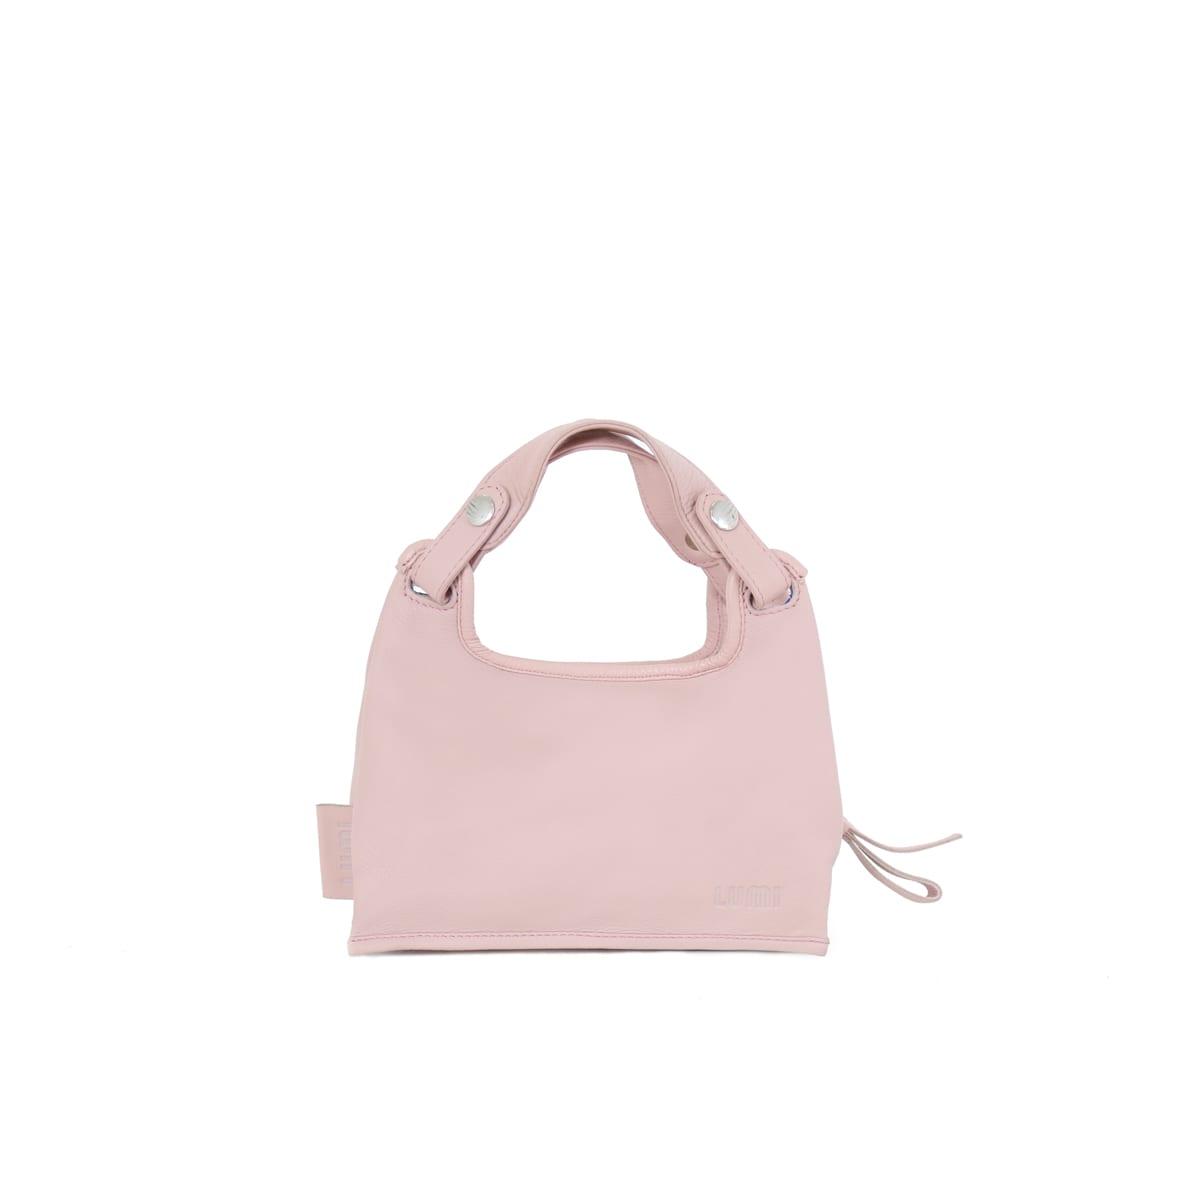 Light Supermarket Bag Nano in lovely light pink